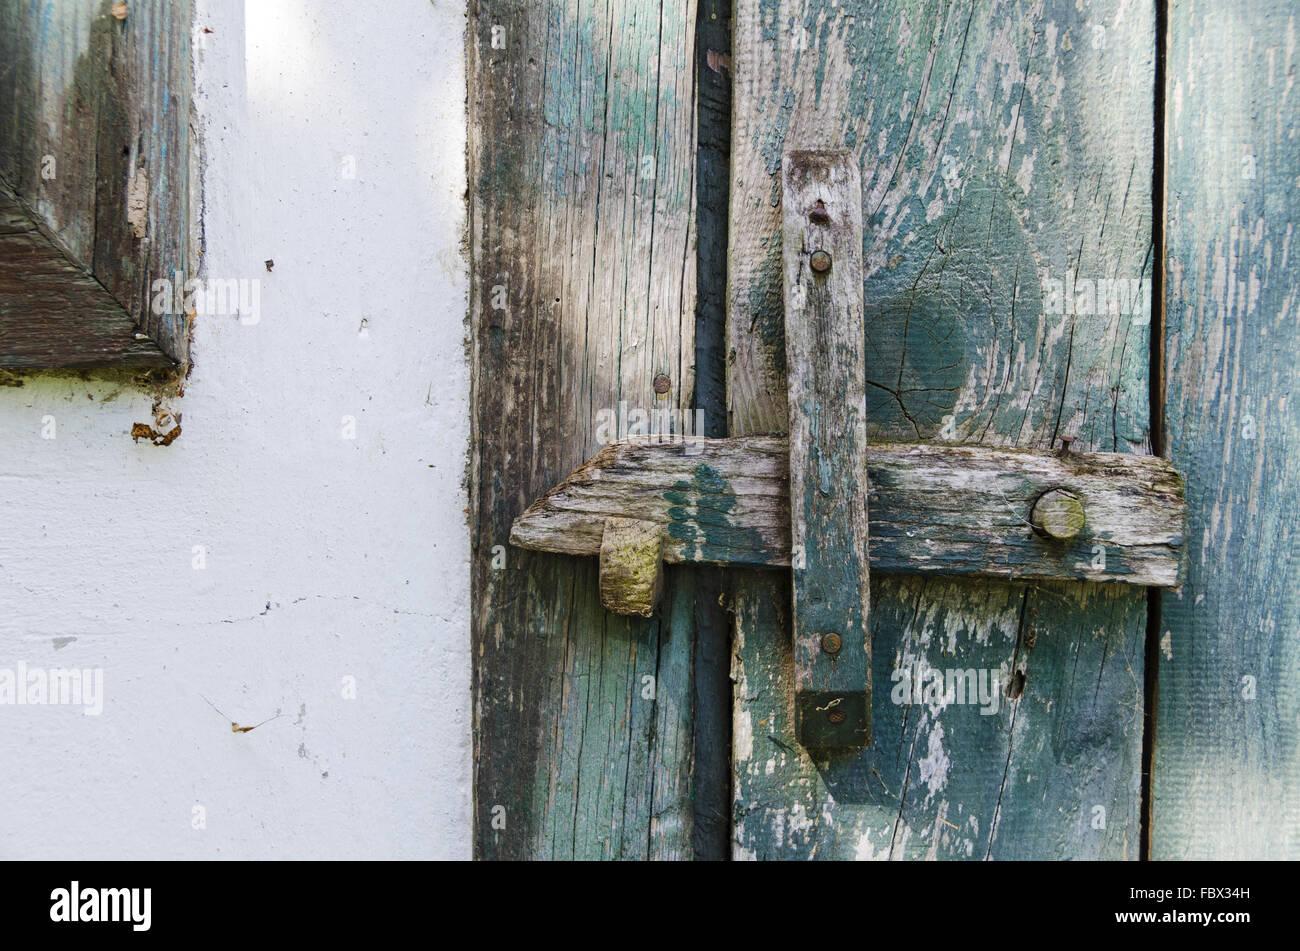 Stock Photo - old wooden door fastener & old wooden door fastener Stock Photo Royalty Free Image: 93386289 ...